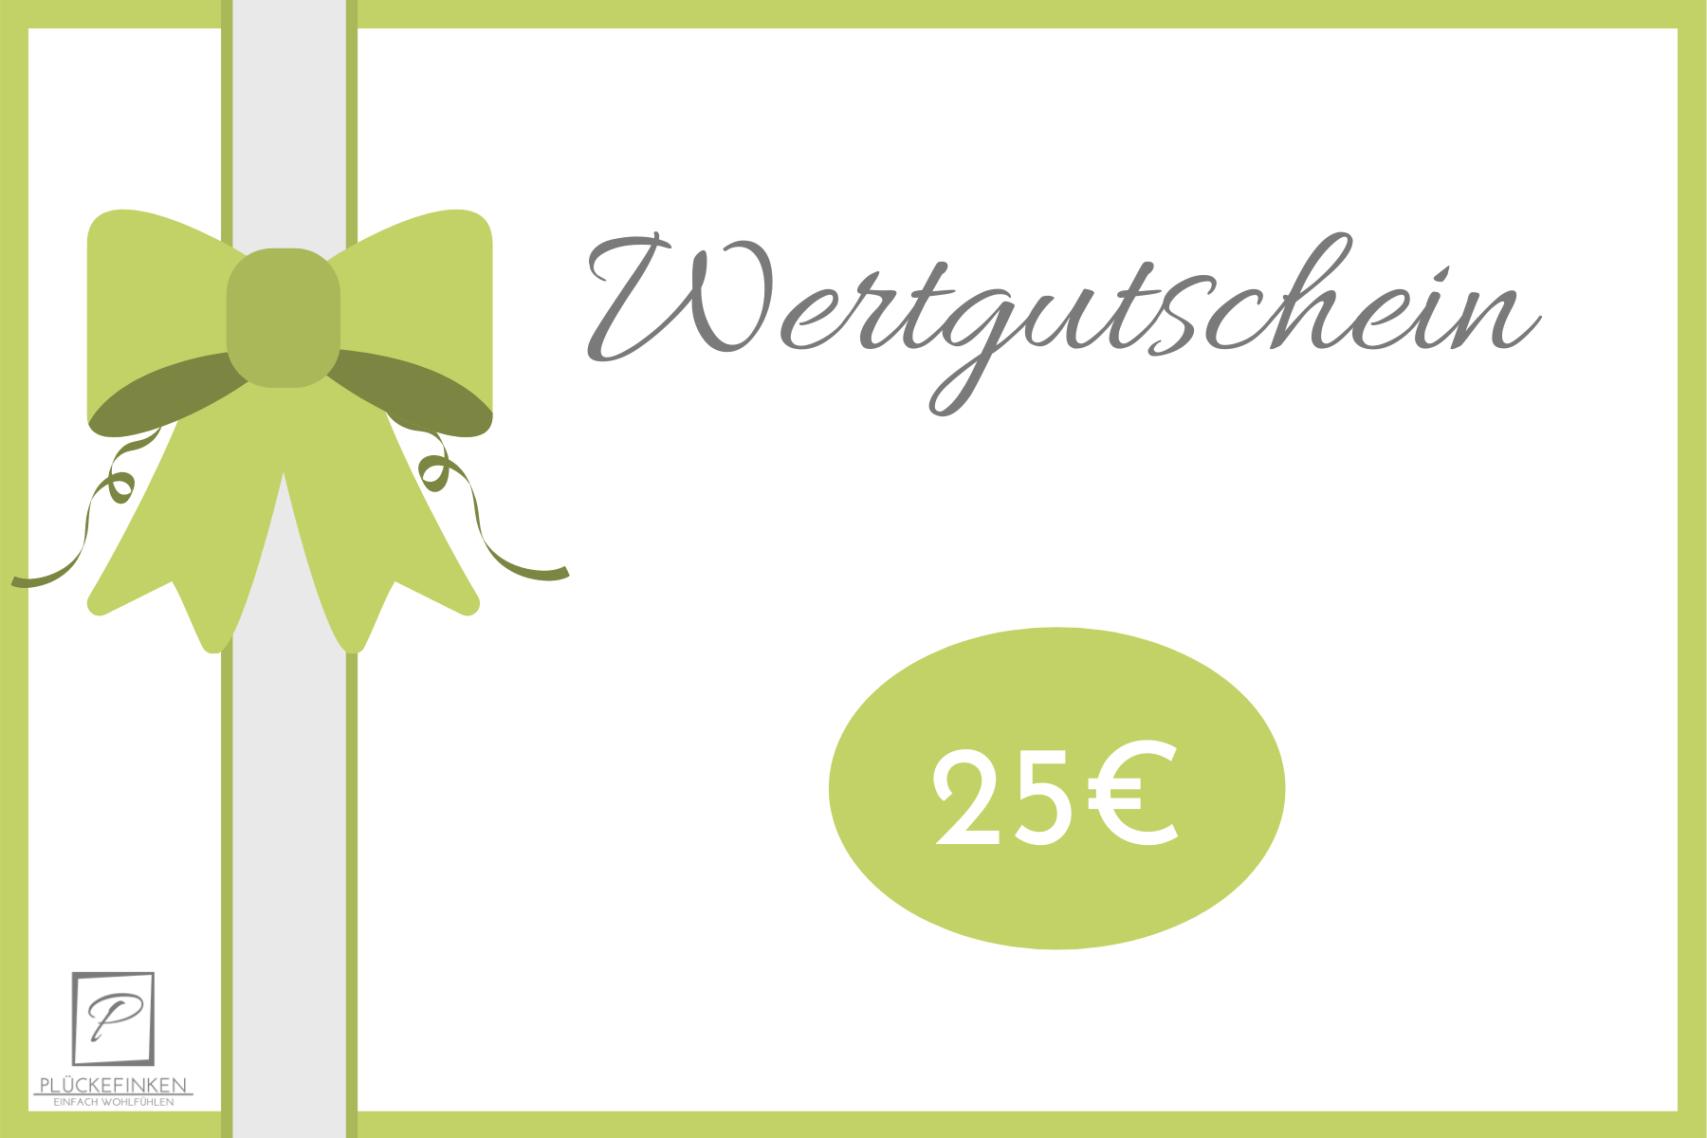 Wertgutschein-25Euro